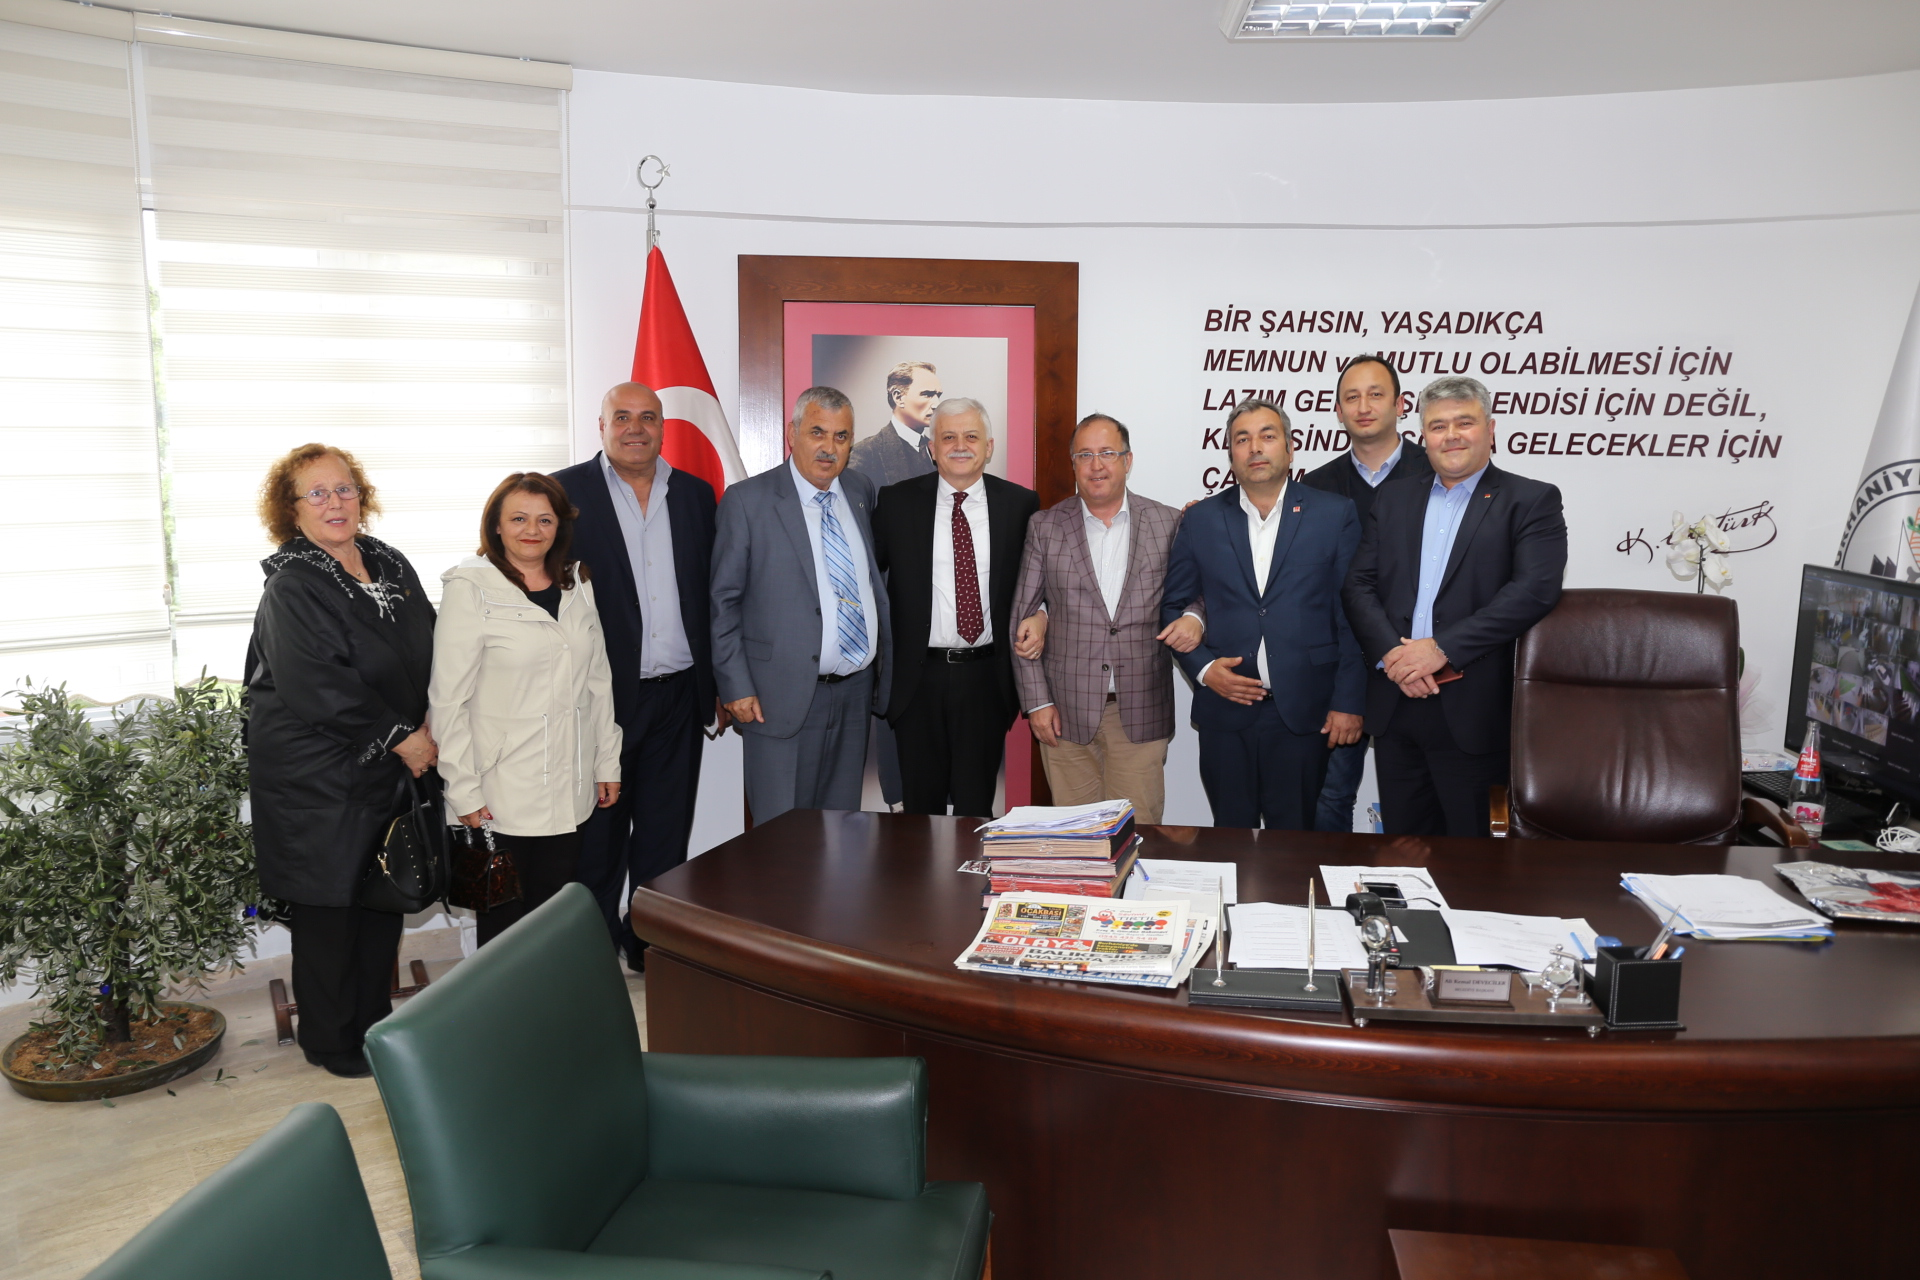 Küçükkuyu Belediye Başkanı Cengiz Balkan ve Meclis Üyeleri Ziyareti